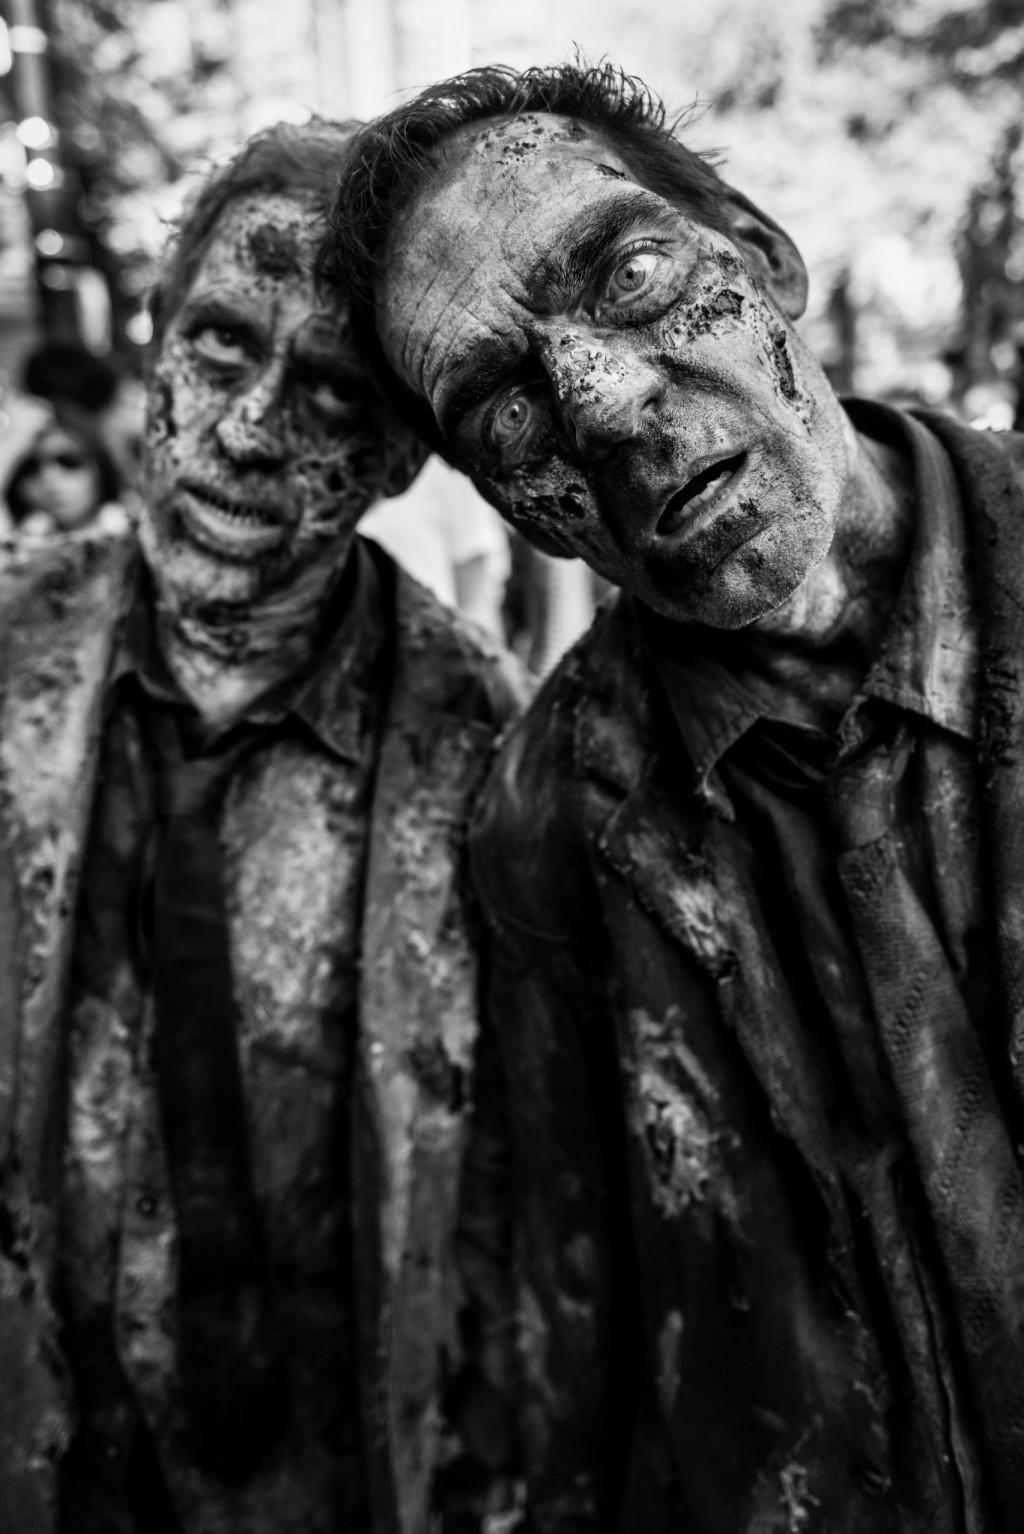 vancouver zombie walk 2014 scott hemenway 67